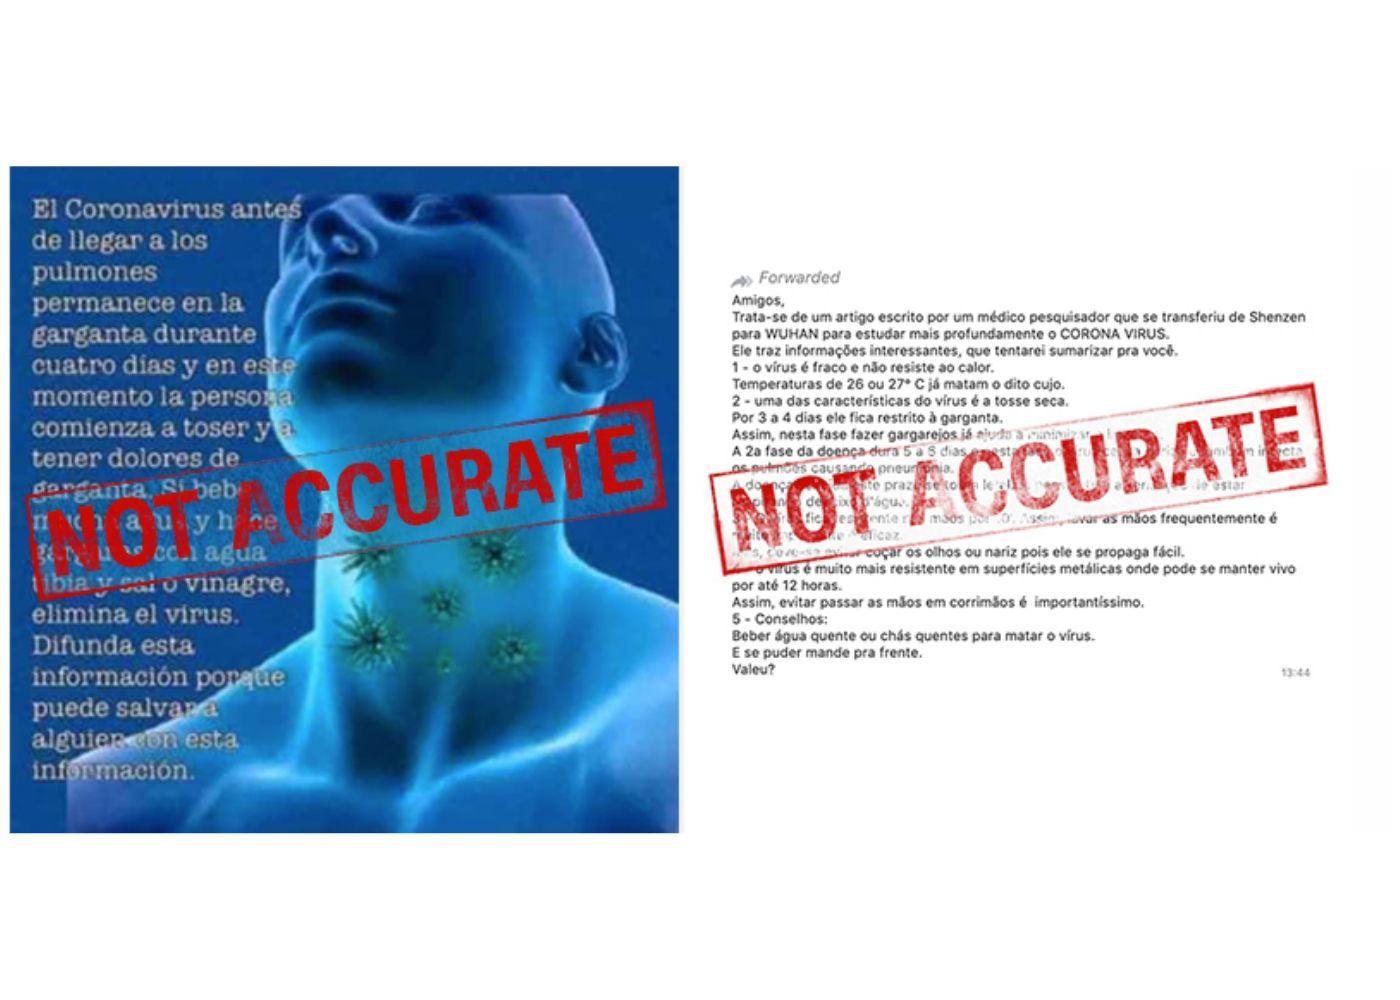 mensagens falsas sobre o coronavirus